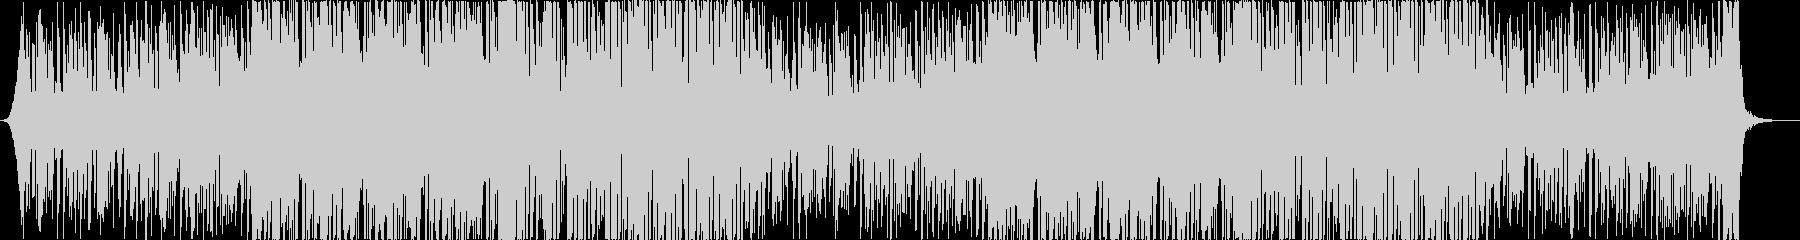 レトロでおしゃれな80'Sエレクトロaの未再生の波形